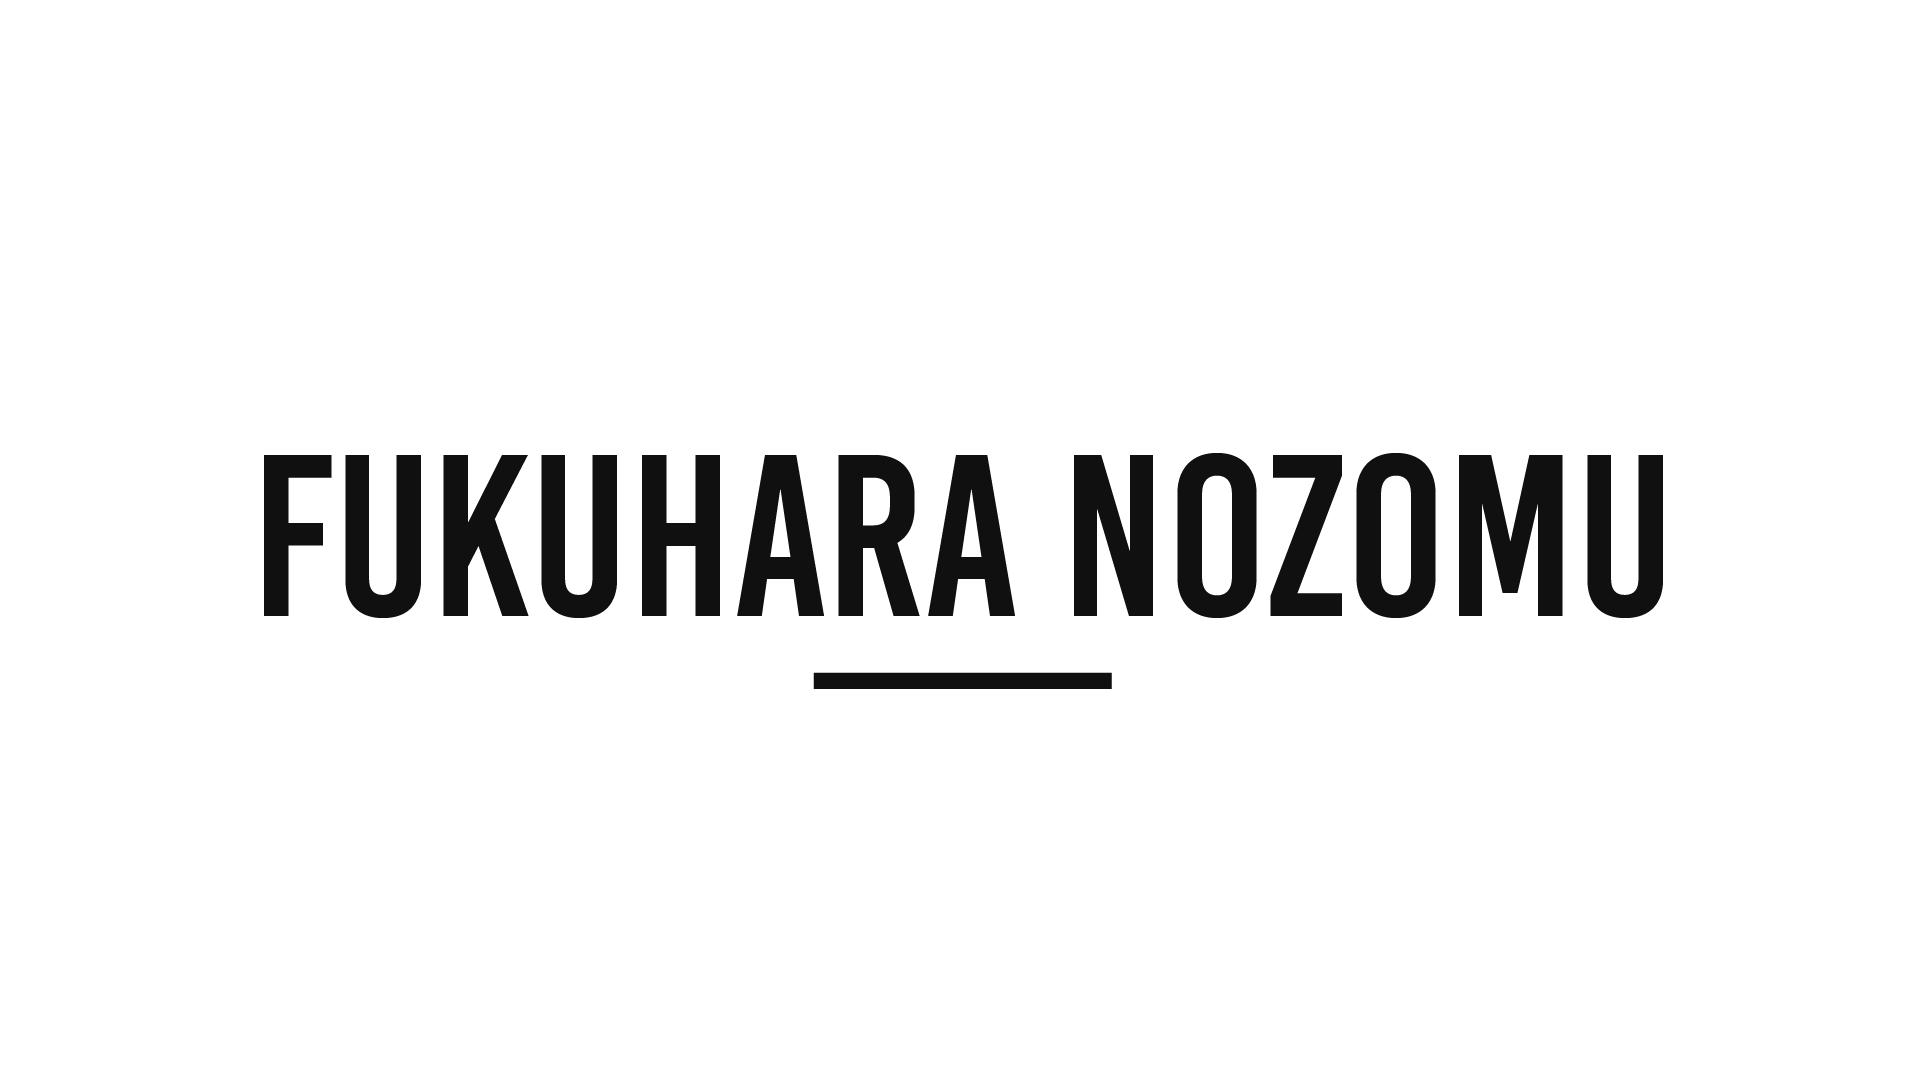 Fukuhara Nozomu